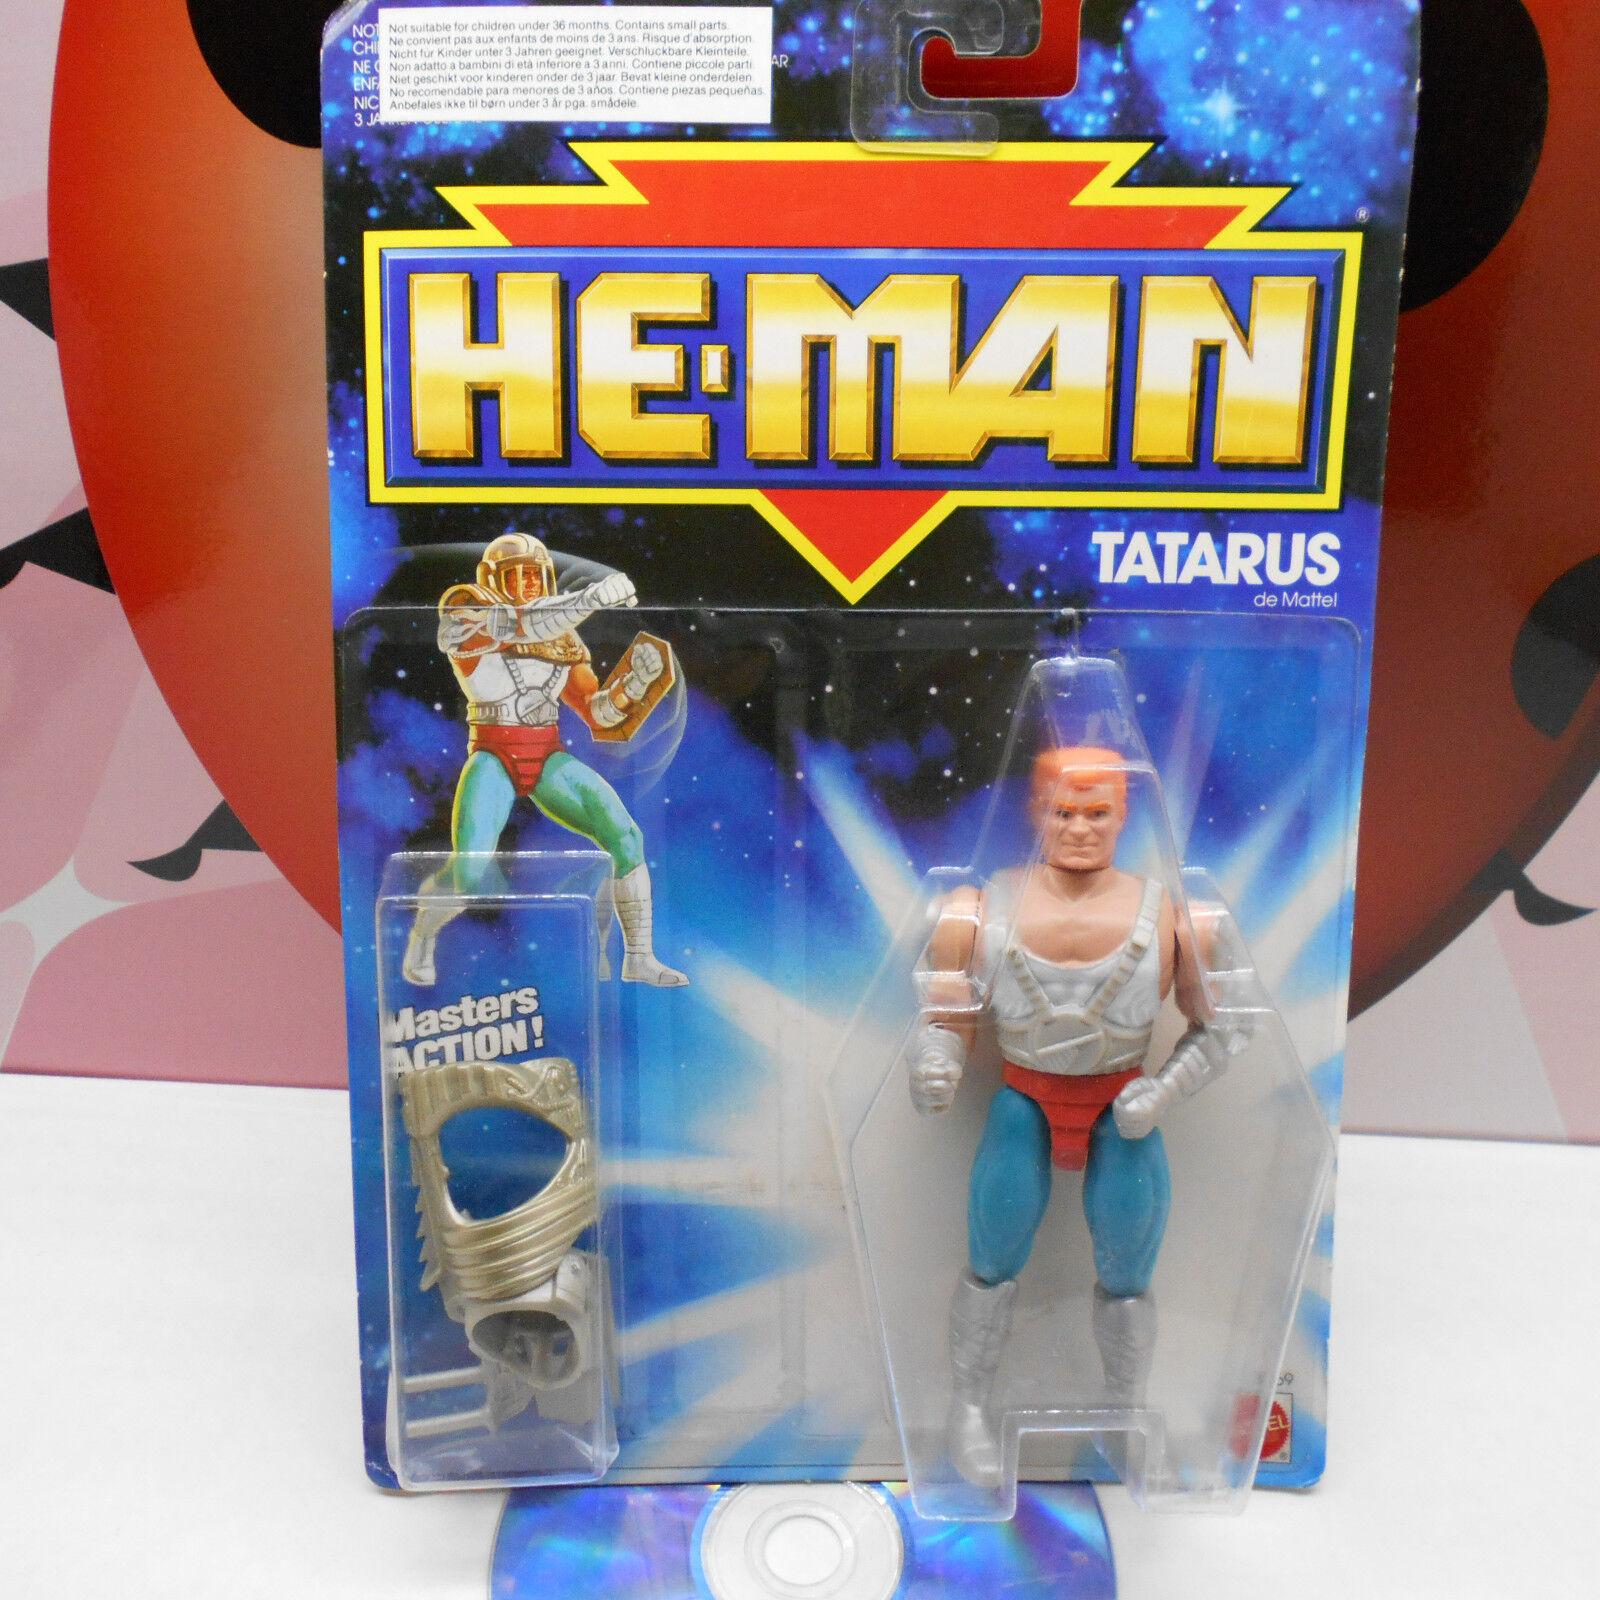 He-man tatarus kayo   3369 heldentaten - actionfigur mattel motu jahrgang 1989